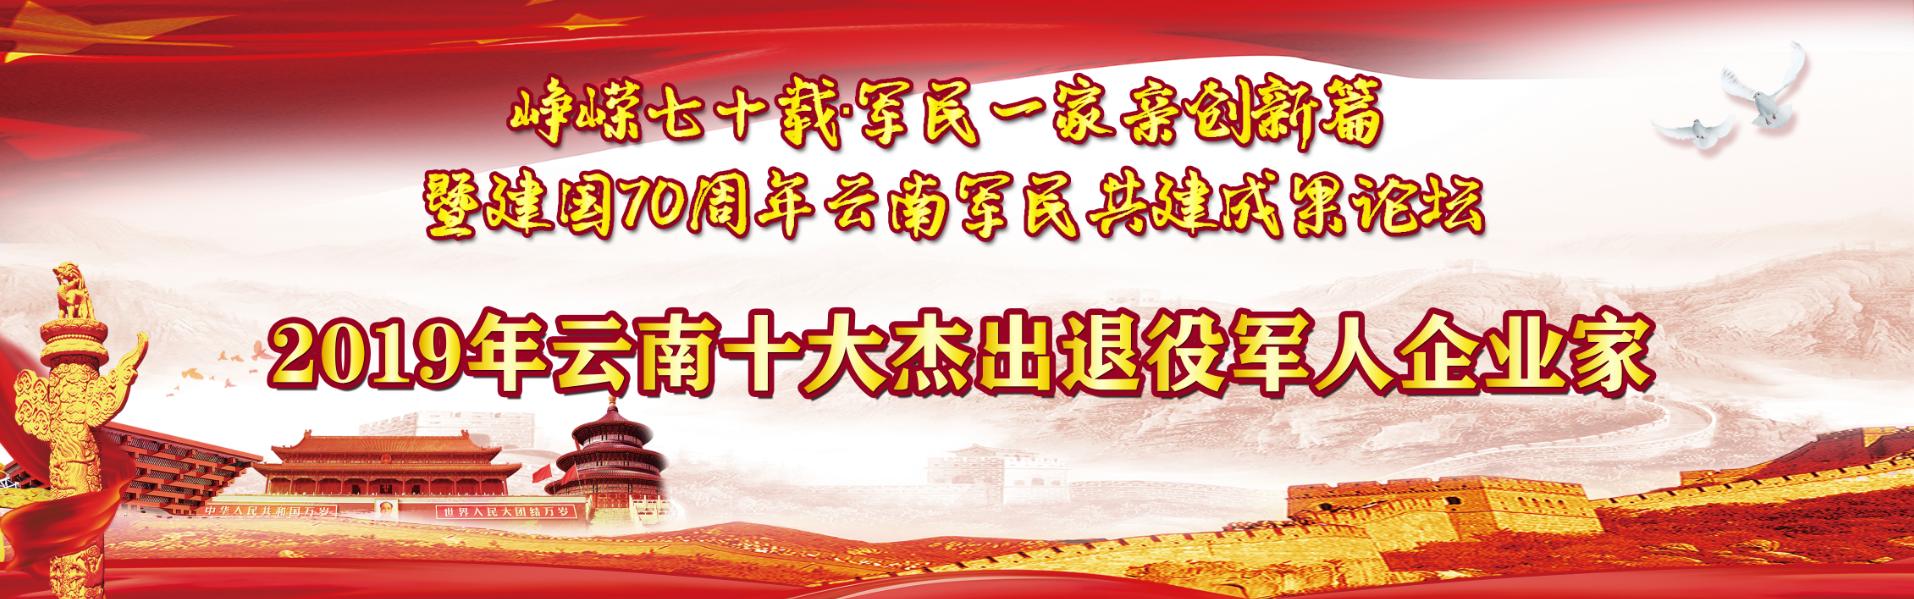 2019年云南杰出退转军人企业家评选 活动方案